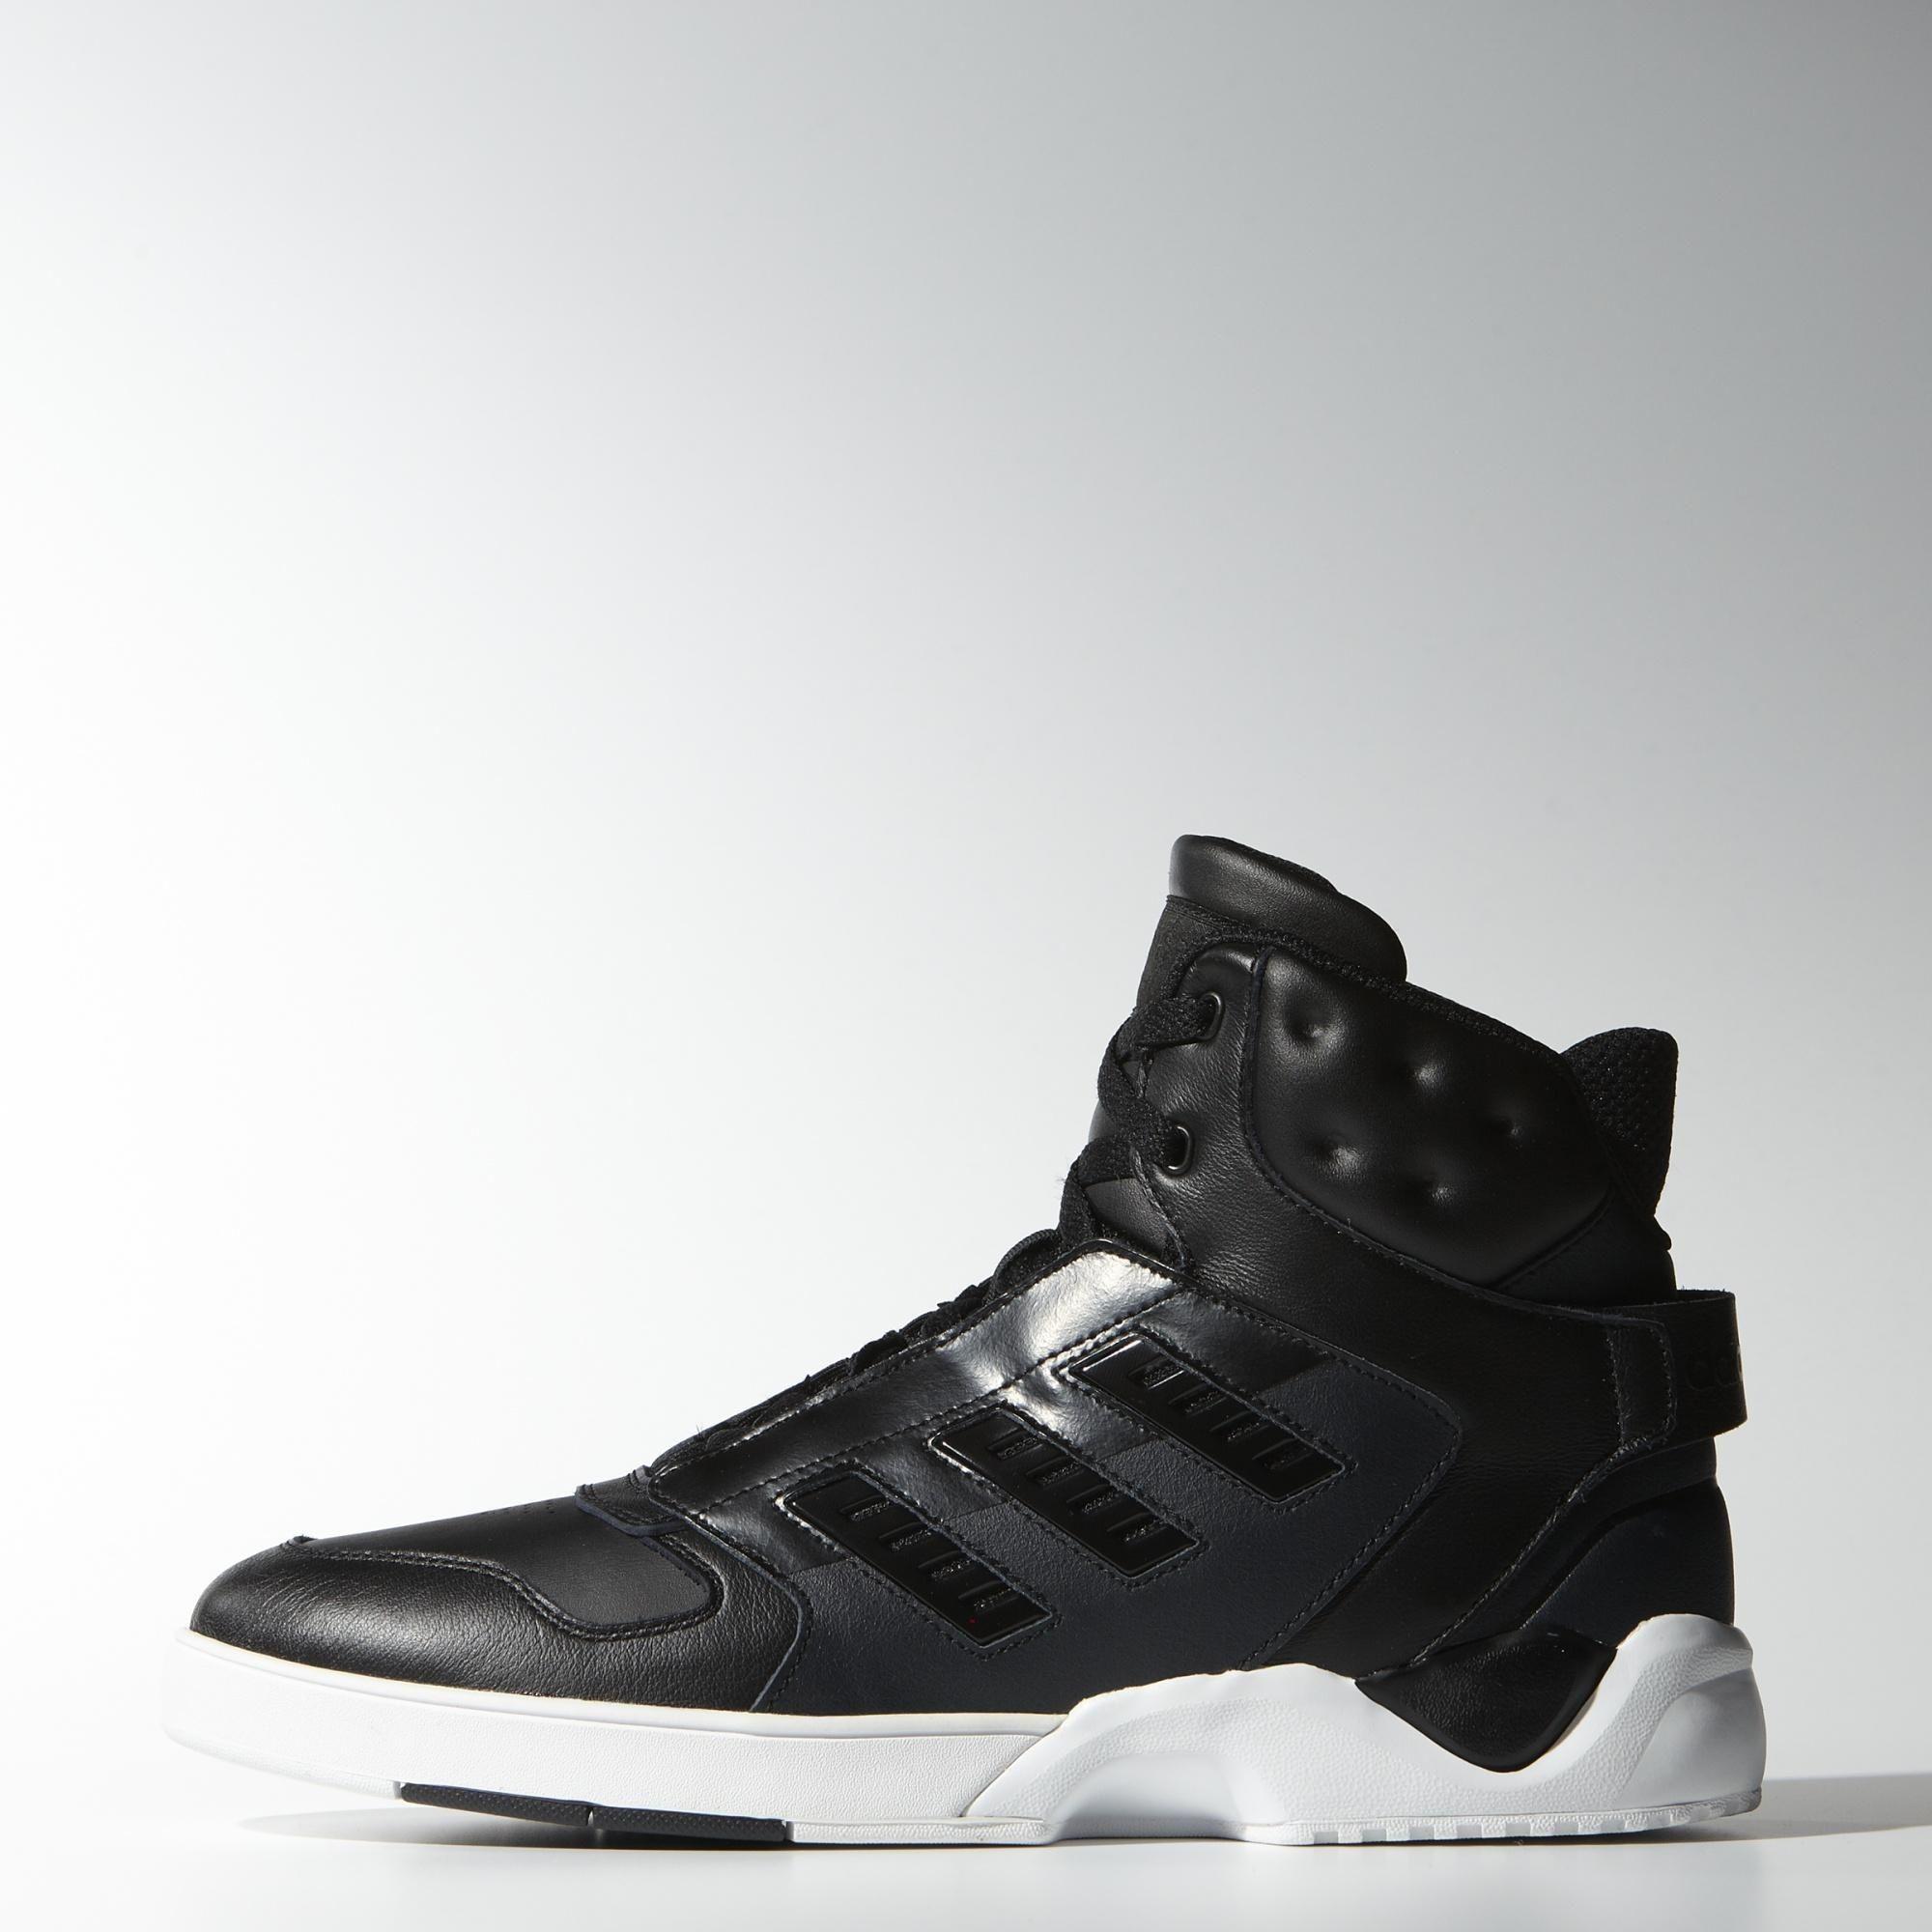 zapatillas adidas hombres casual negras